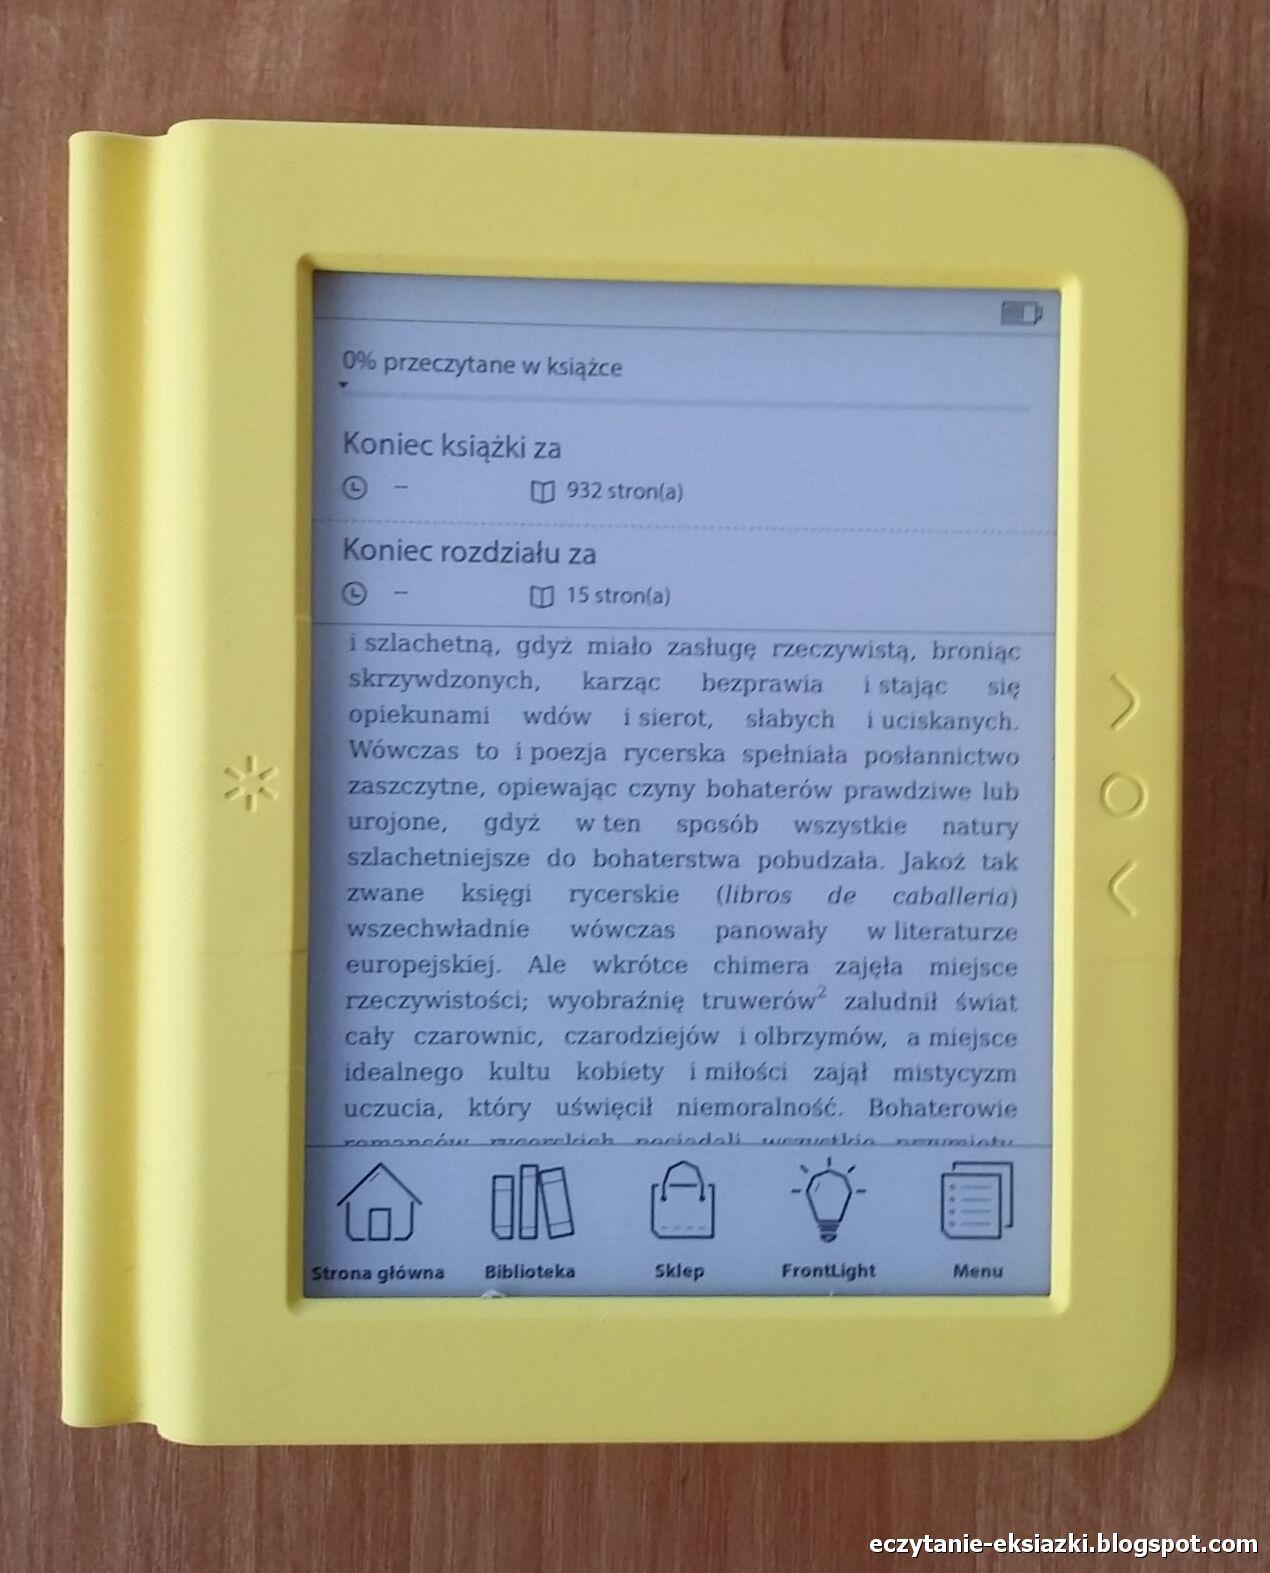 Menu wywoływane z poziomu e-booka. W górnej częsci ekranu informacja o postępach w lekturze